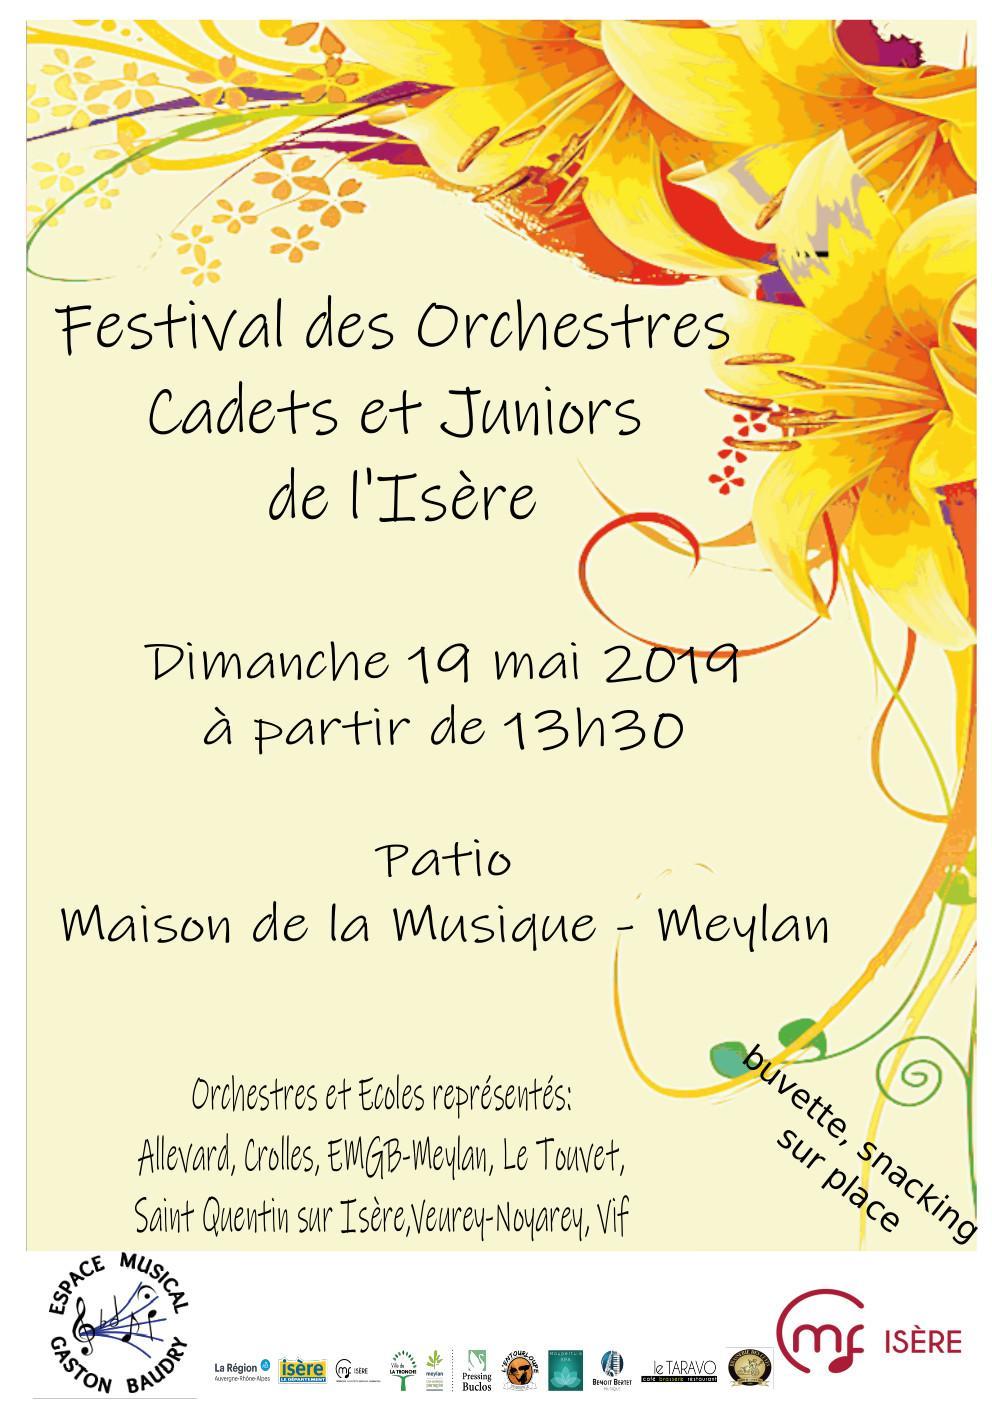 Festival des orchestre cadets et juniors 19 mai 2019